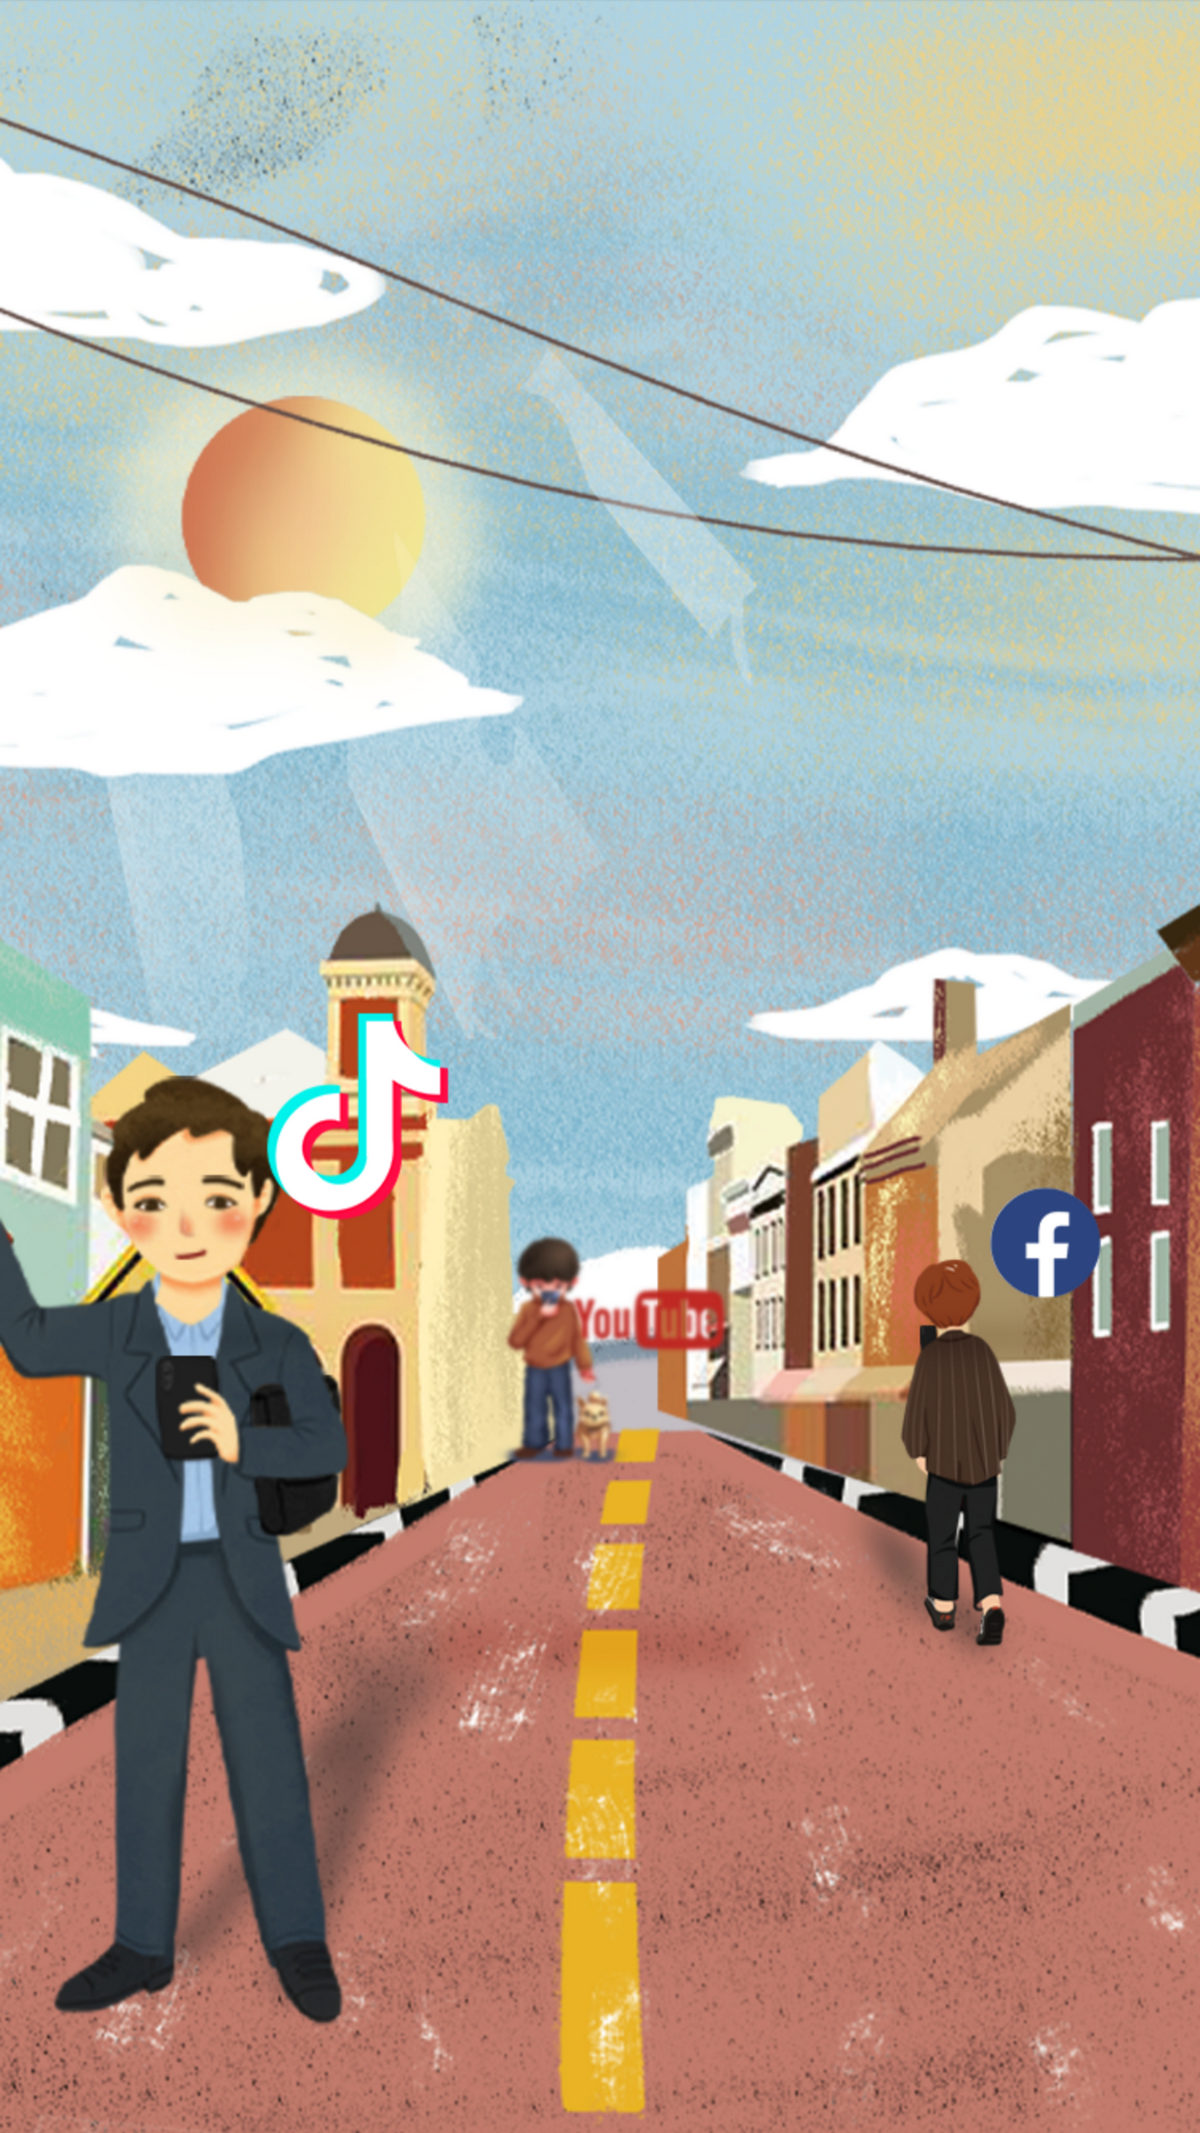 【網賺分享】閱擊樂 の 賺現金 ➽ 亞洲地區有手機門號就能註冊,無限定國家使用(會有官方客服)。(內含出金記錄) – 2020/09/16更新+新公告(已出金累積NT.4010+抽獎禮品1份)